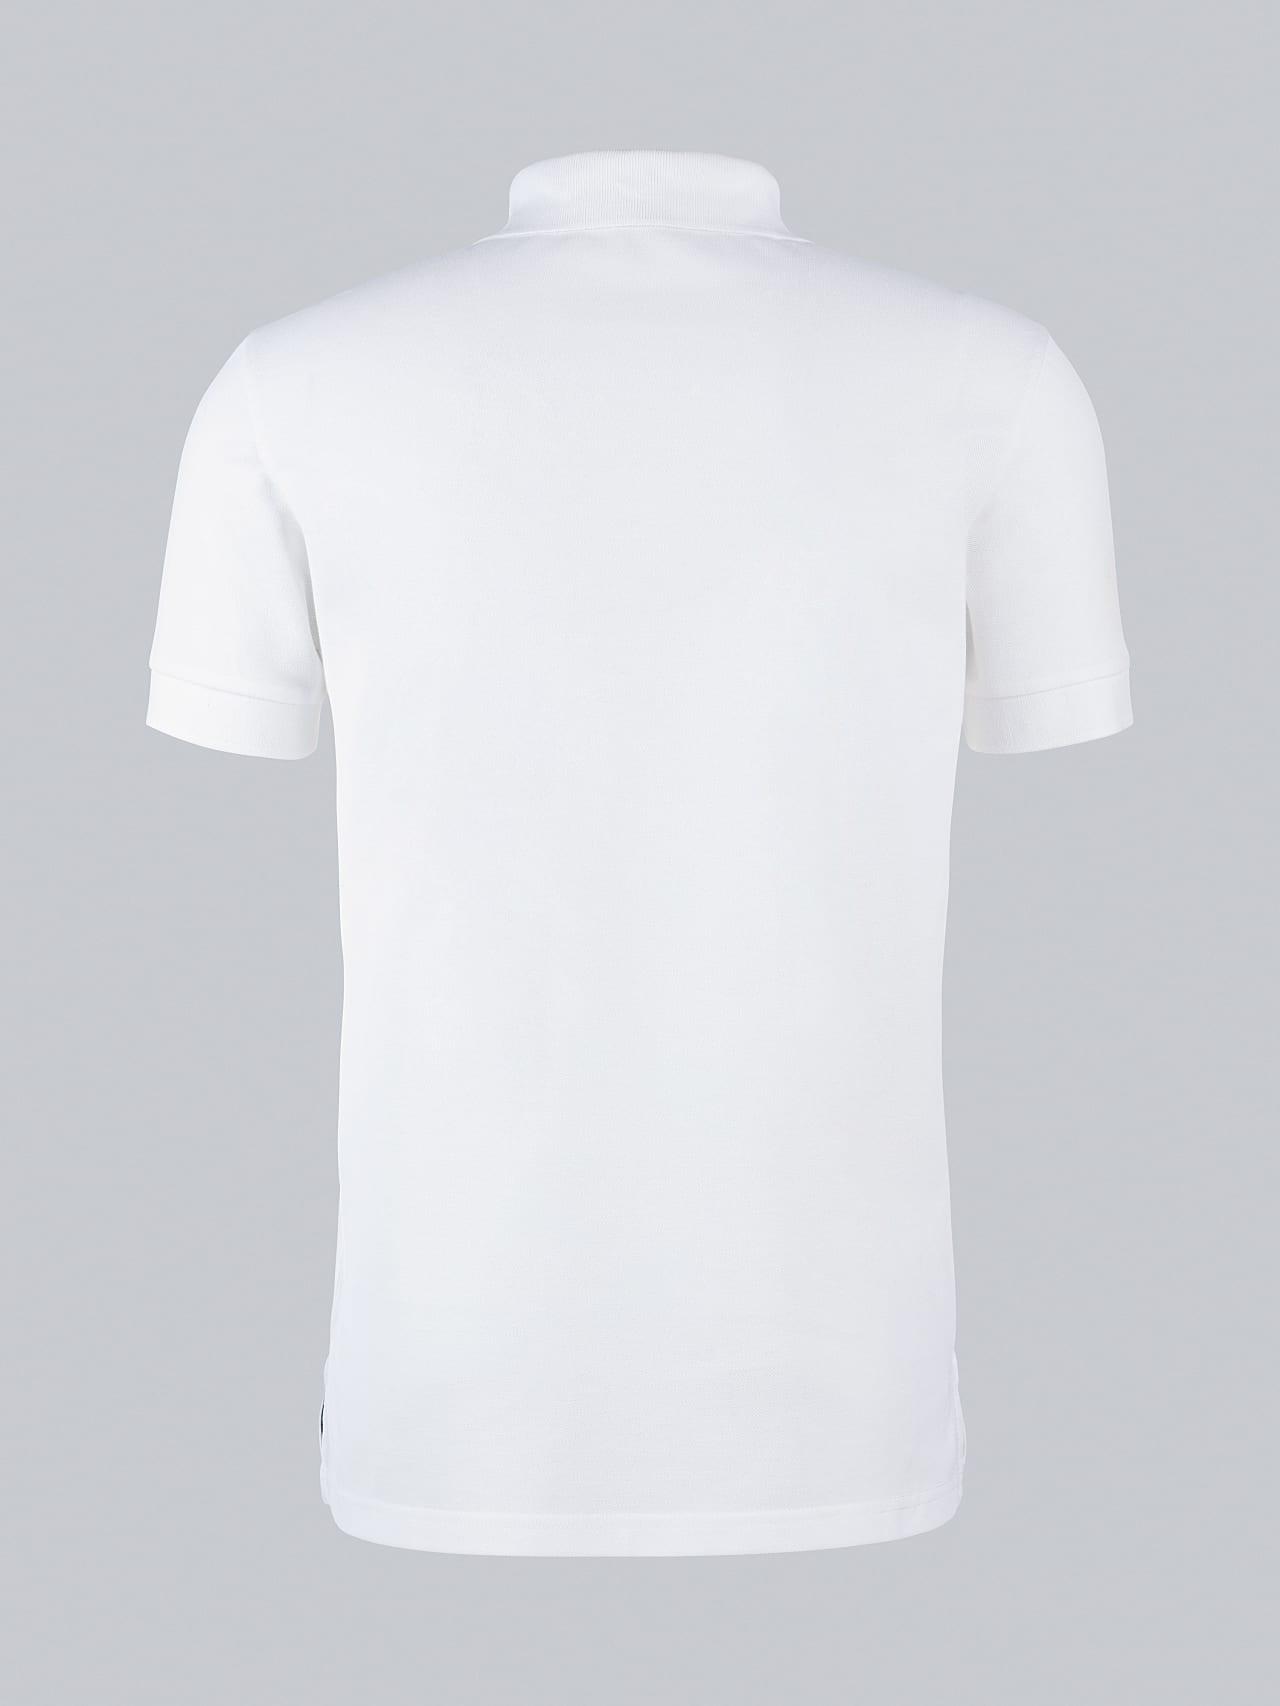 JANX V5.Y5.02 Pique Polo Shirt offwhite Left Alpha Tauri